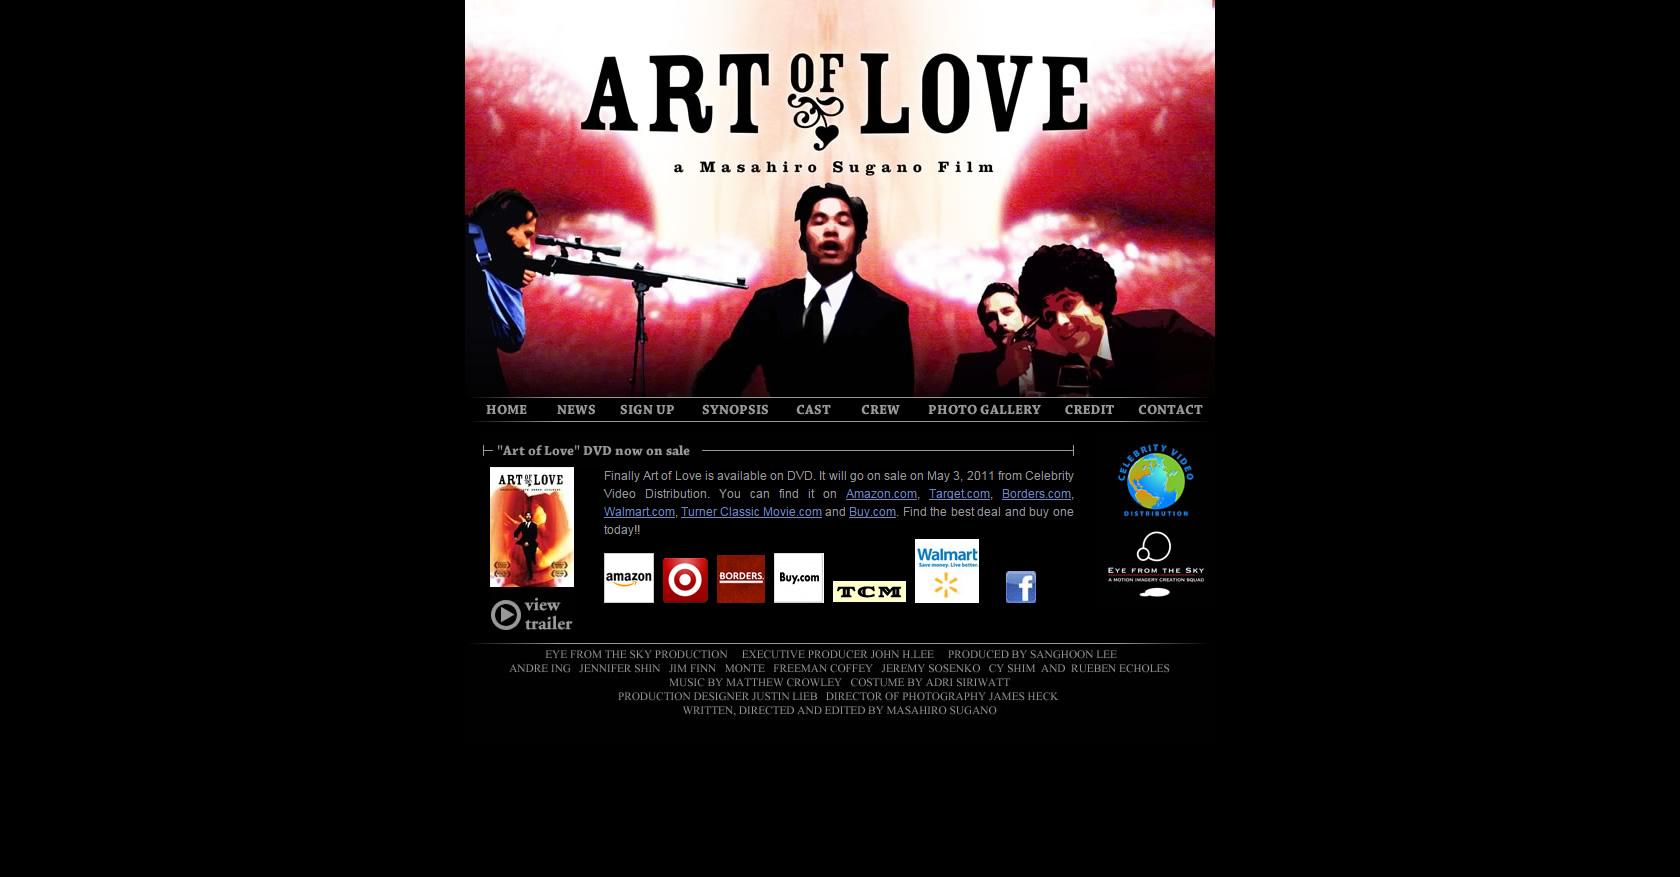 映画「Art of Love」公式サイト